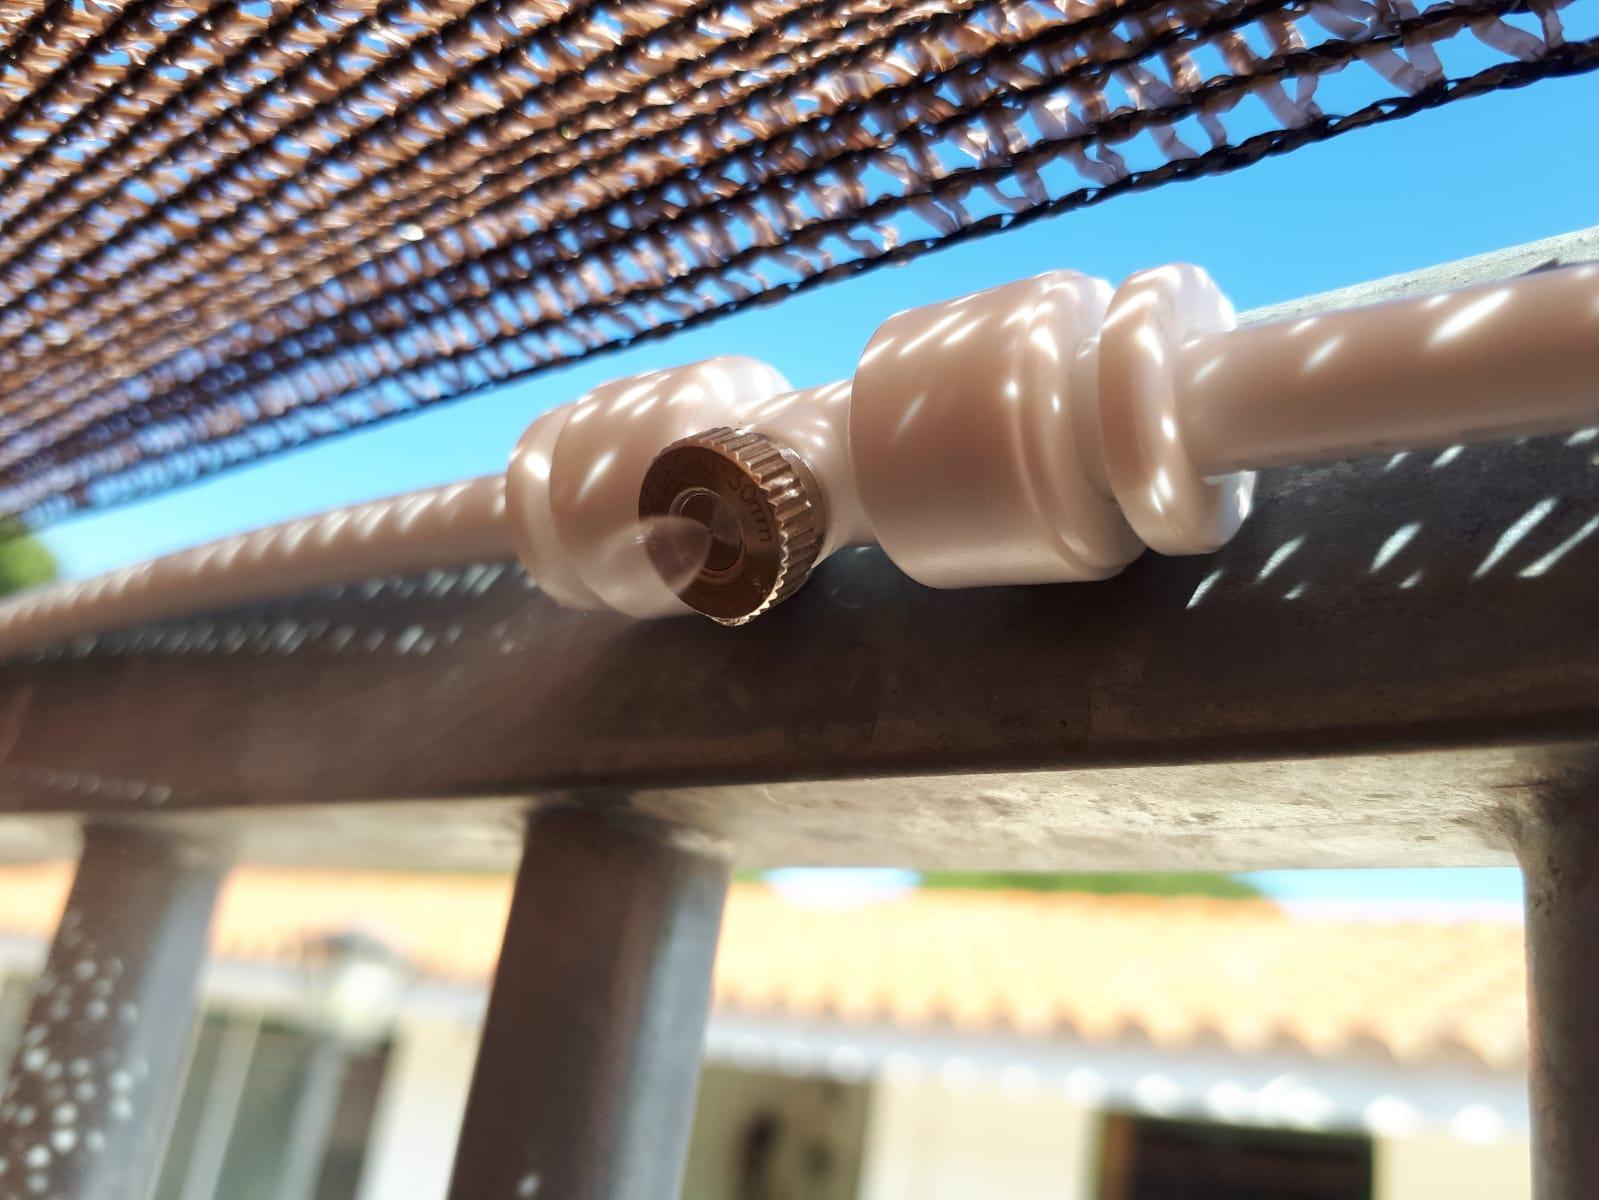 Habitación con sistema de nebulización para verano